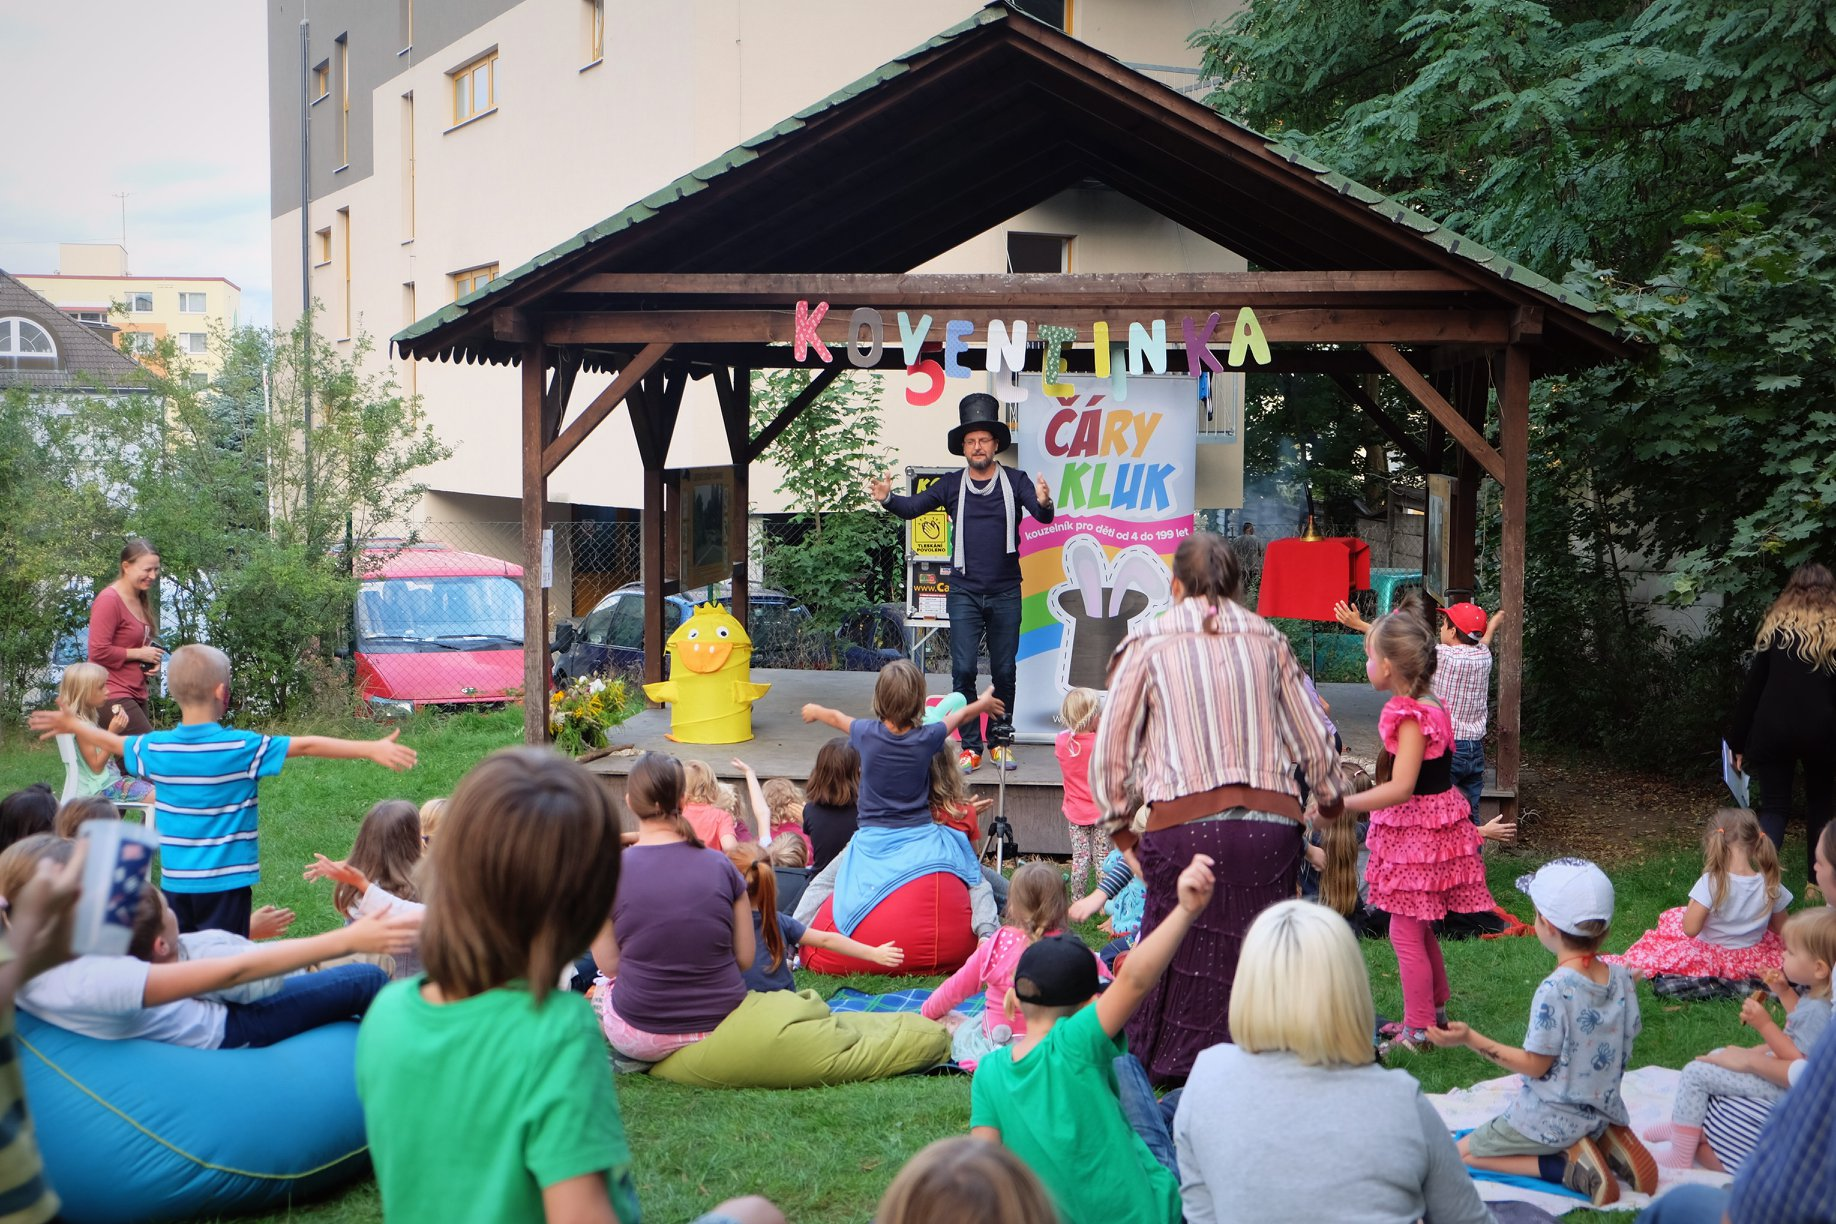 Kouzelník pro děti Čáry Kluk | Koventinka narozeniny Plzeň